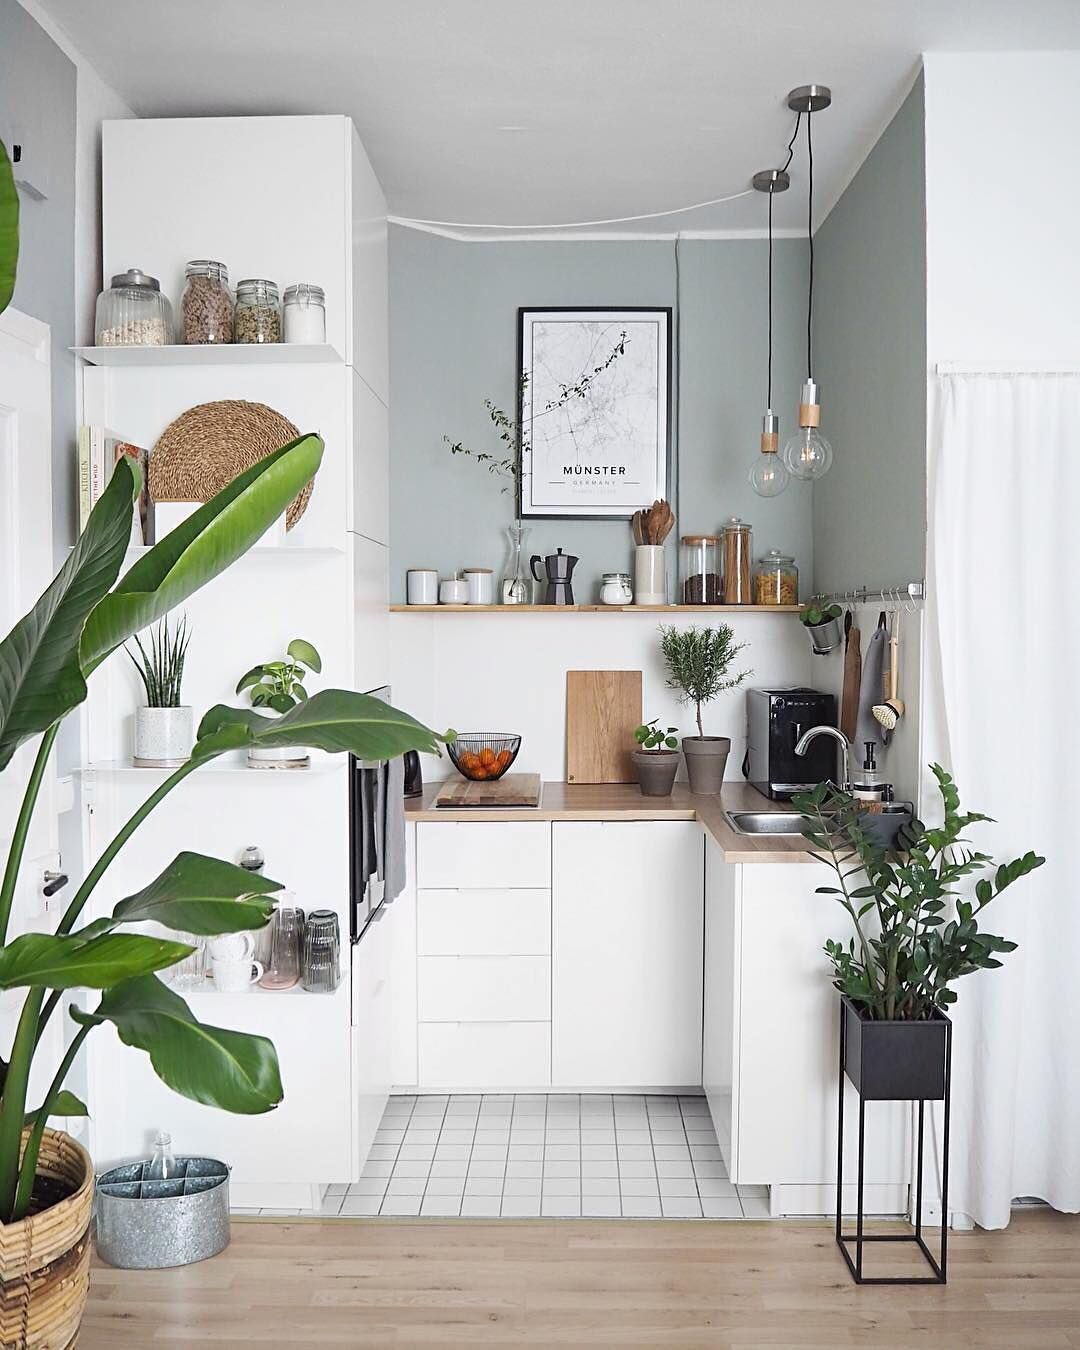 """Apartment Therapy sur Instagram: """"Le plus petit espace de cuisine"""